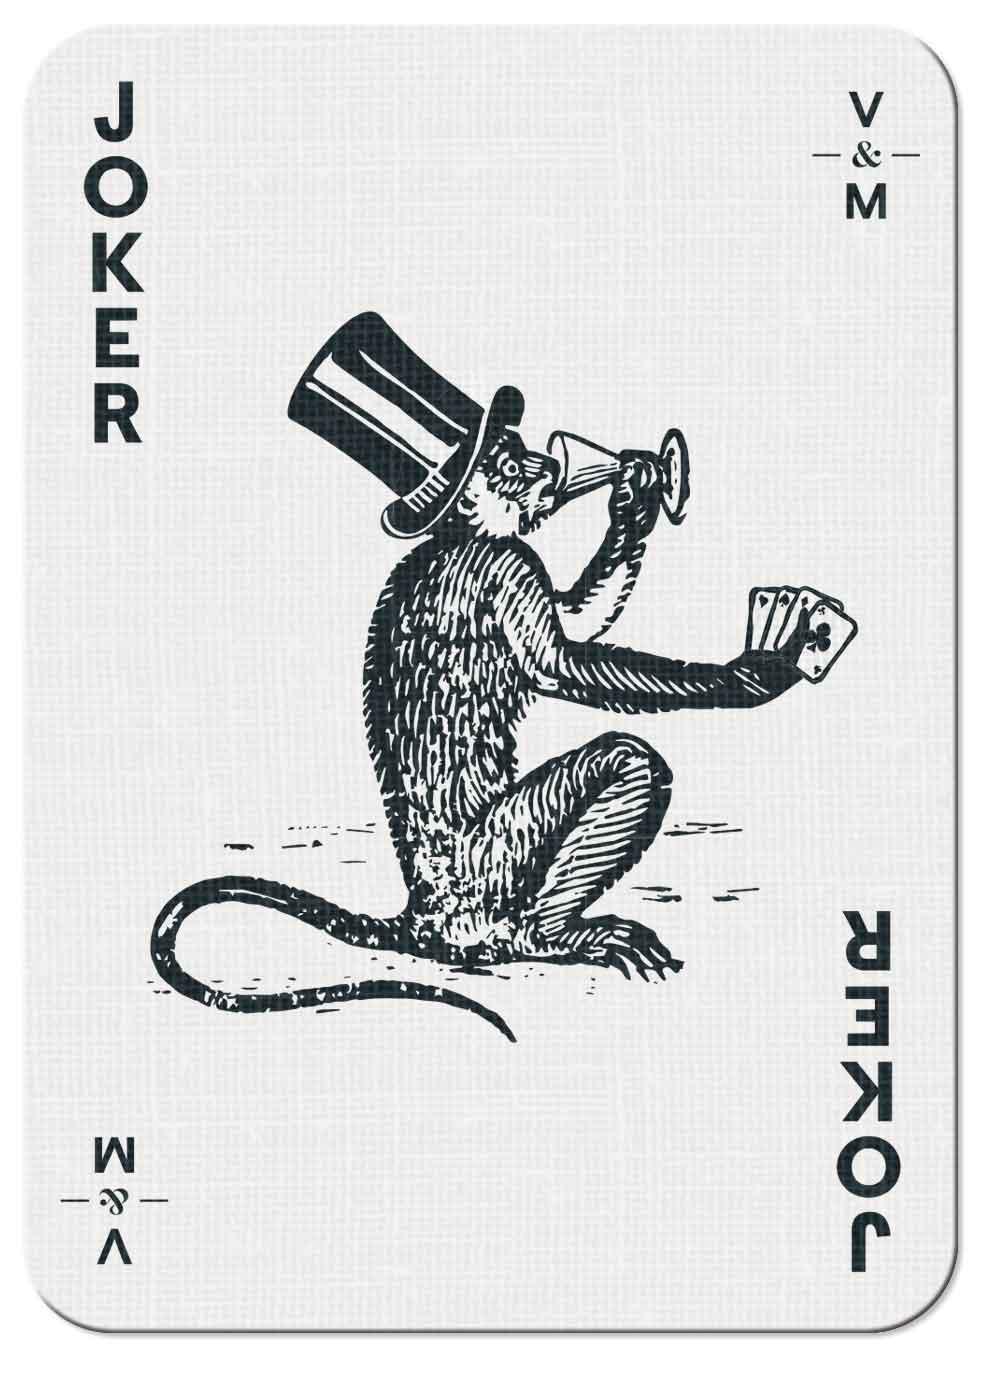 Vintry & Mercer playing card — Joker 01